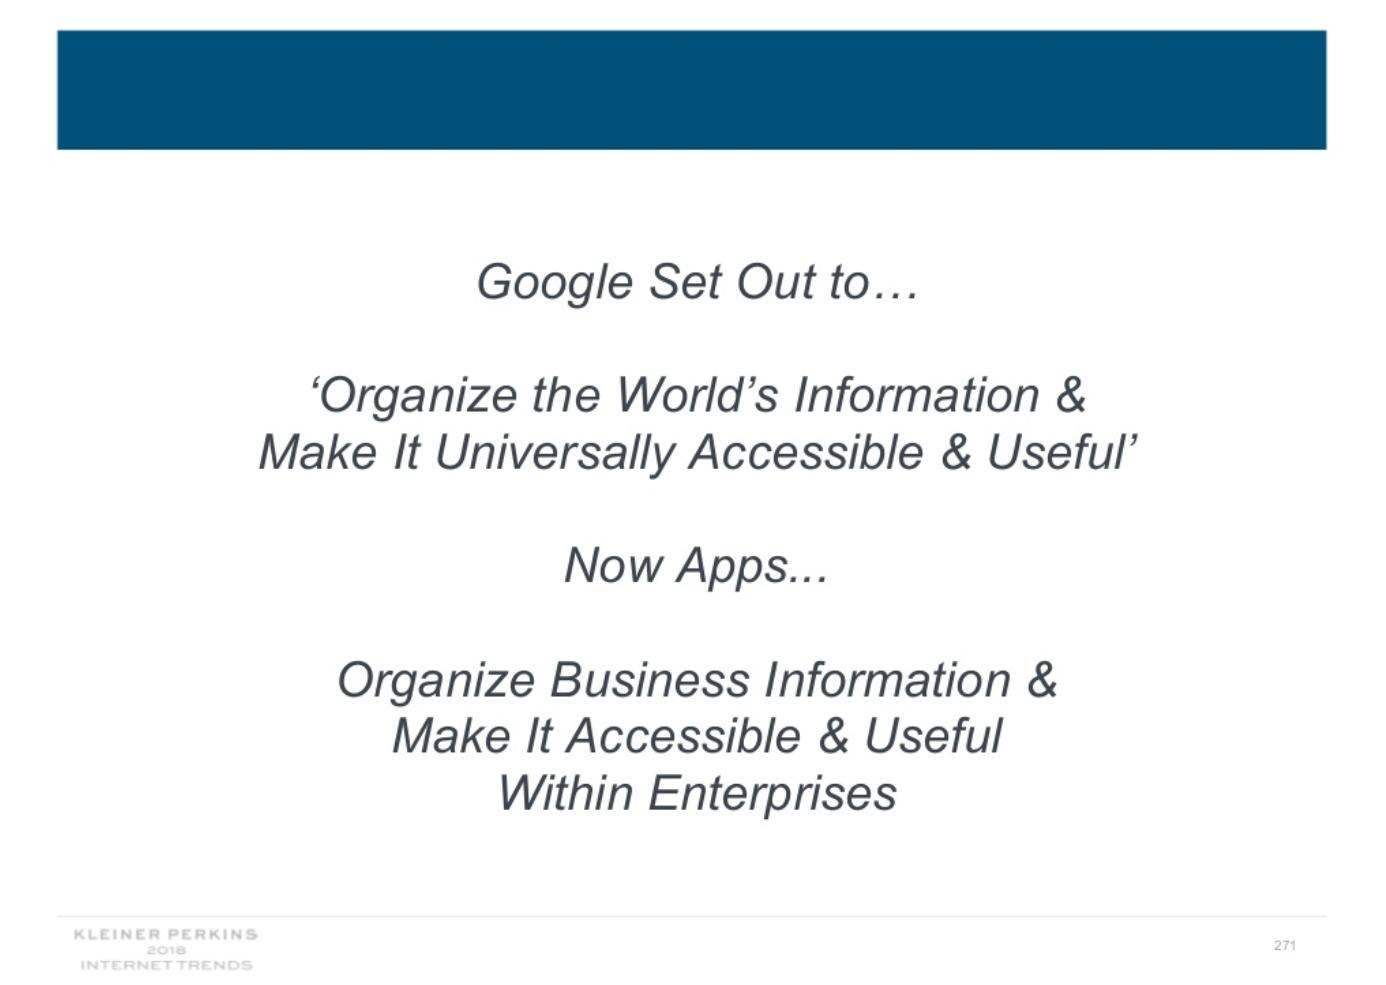 Tendances Internet 2018 - Organiser les informations commerciales pour les rendre accessibles et utiles.